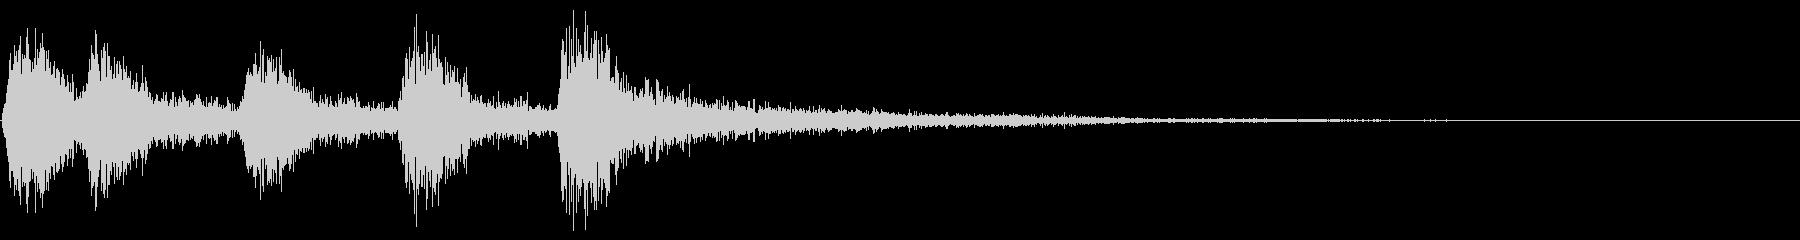 エンディングヒット、音楽FX; D...の未再生の波形